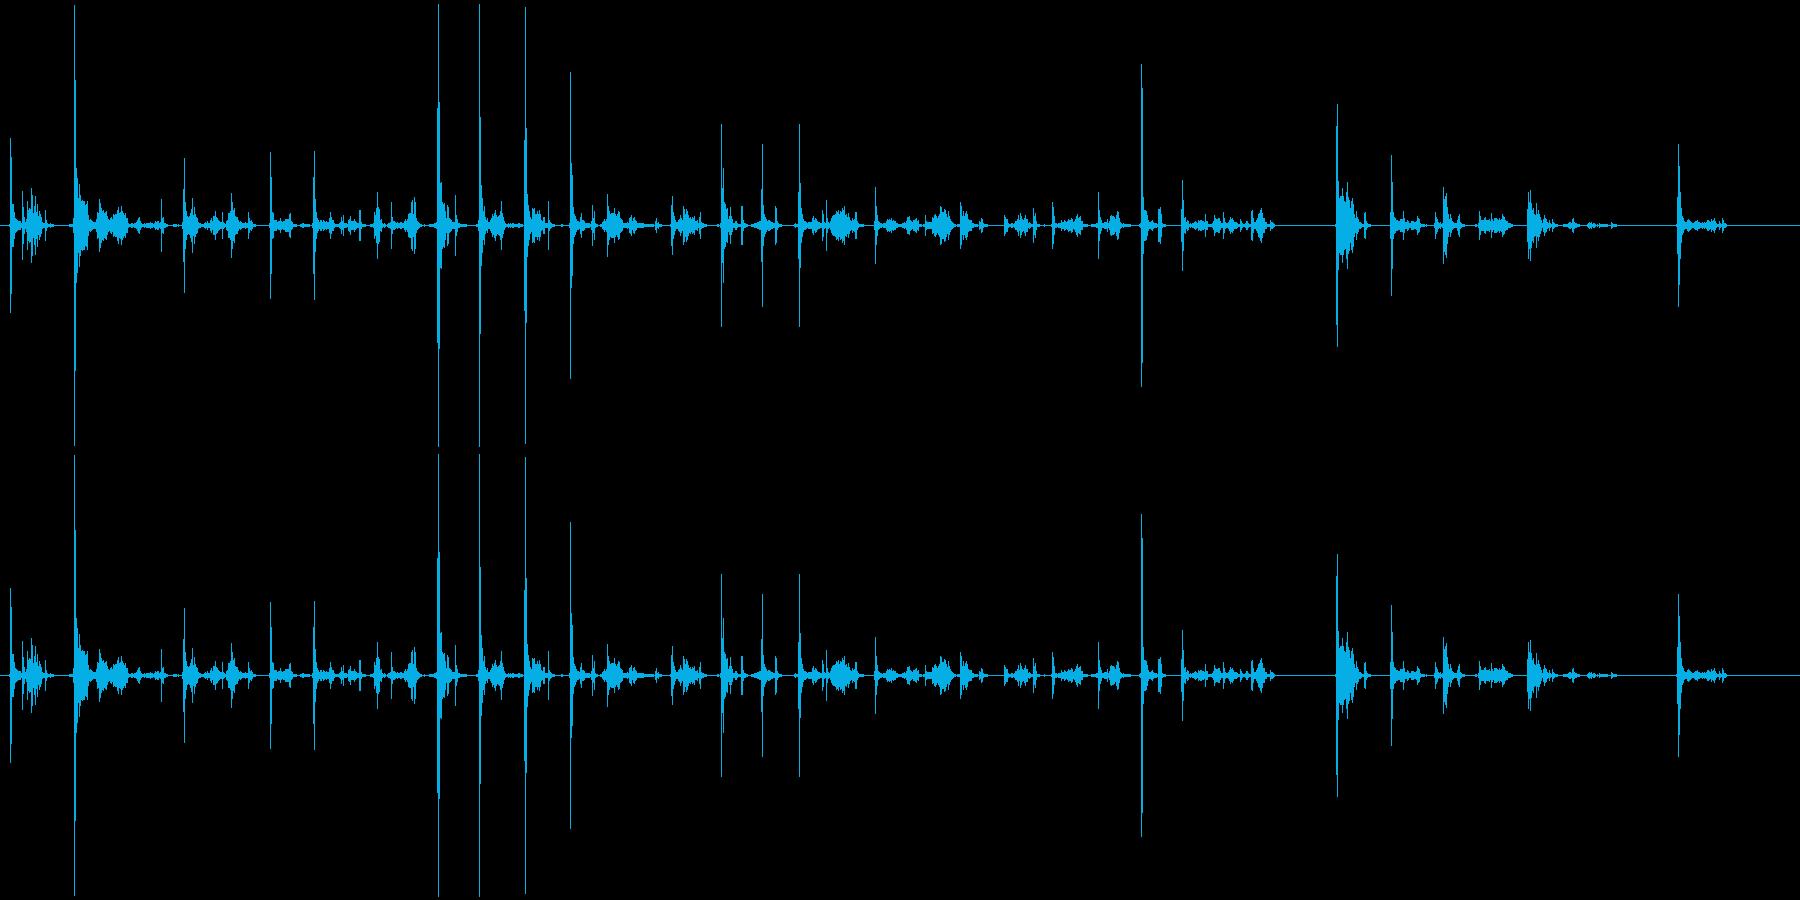 カーカー(ボールペンで書く音)Cの再生済みの波形